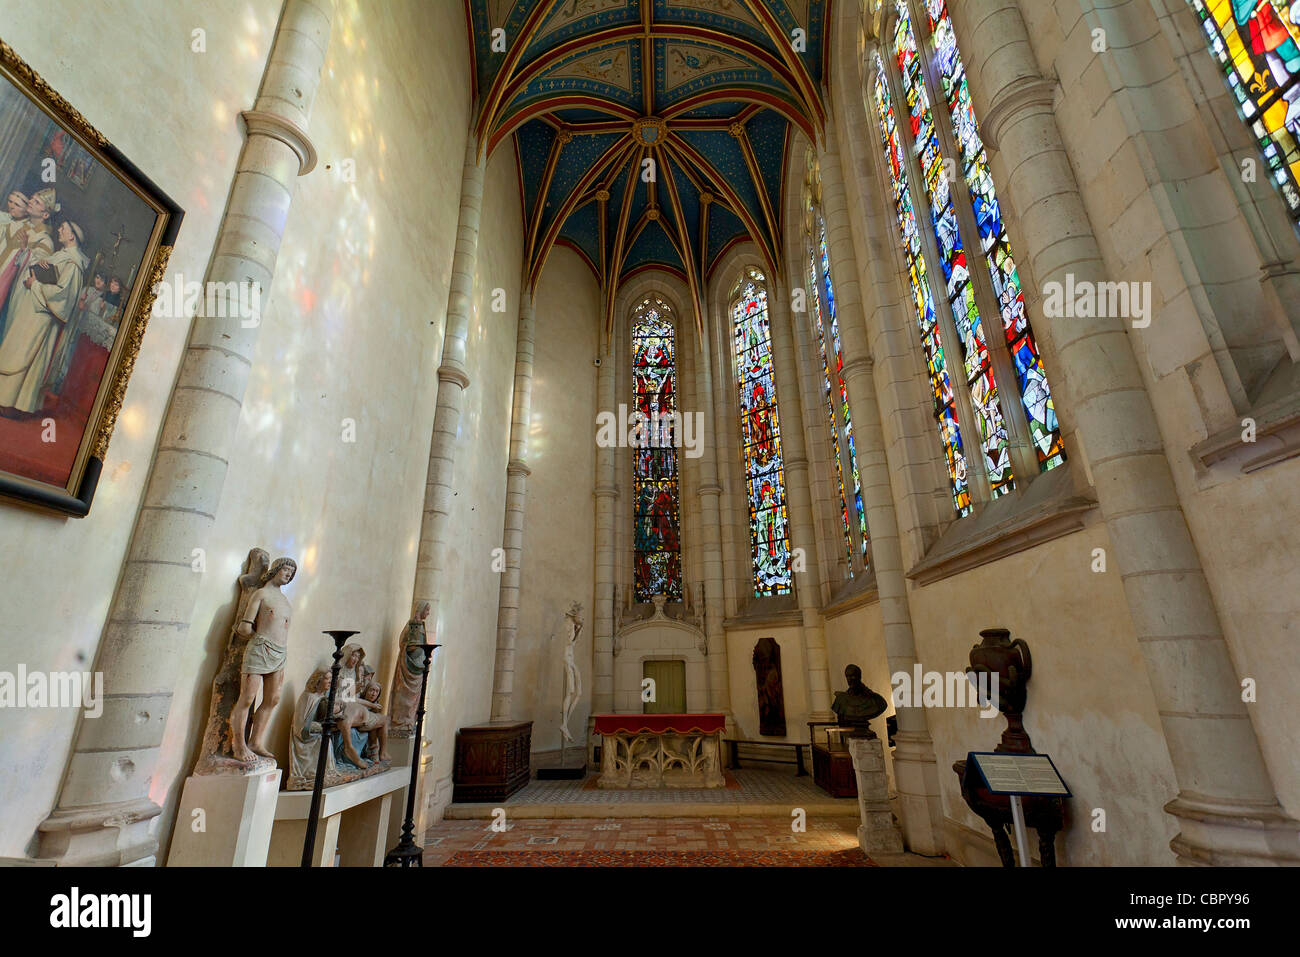 Loire Valley, Chateau de Blois - Stock Image